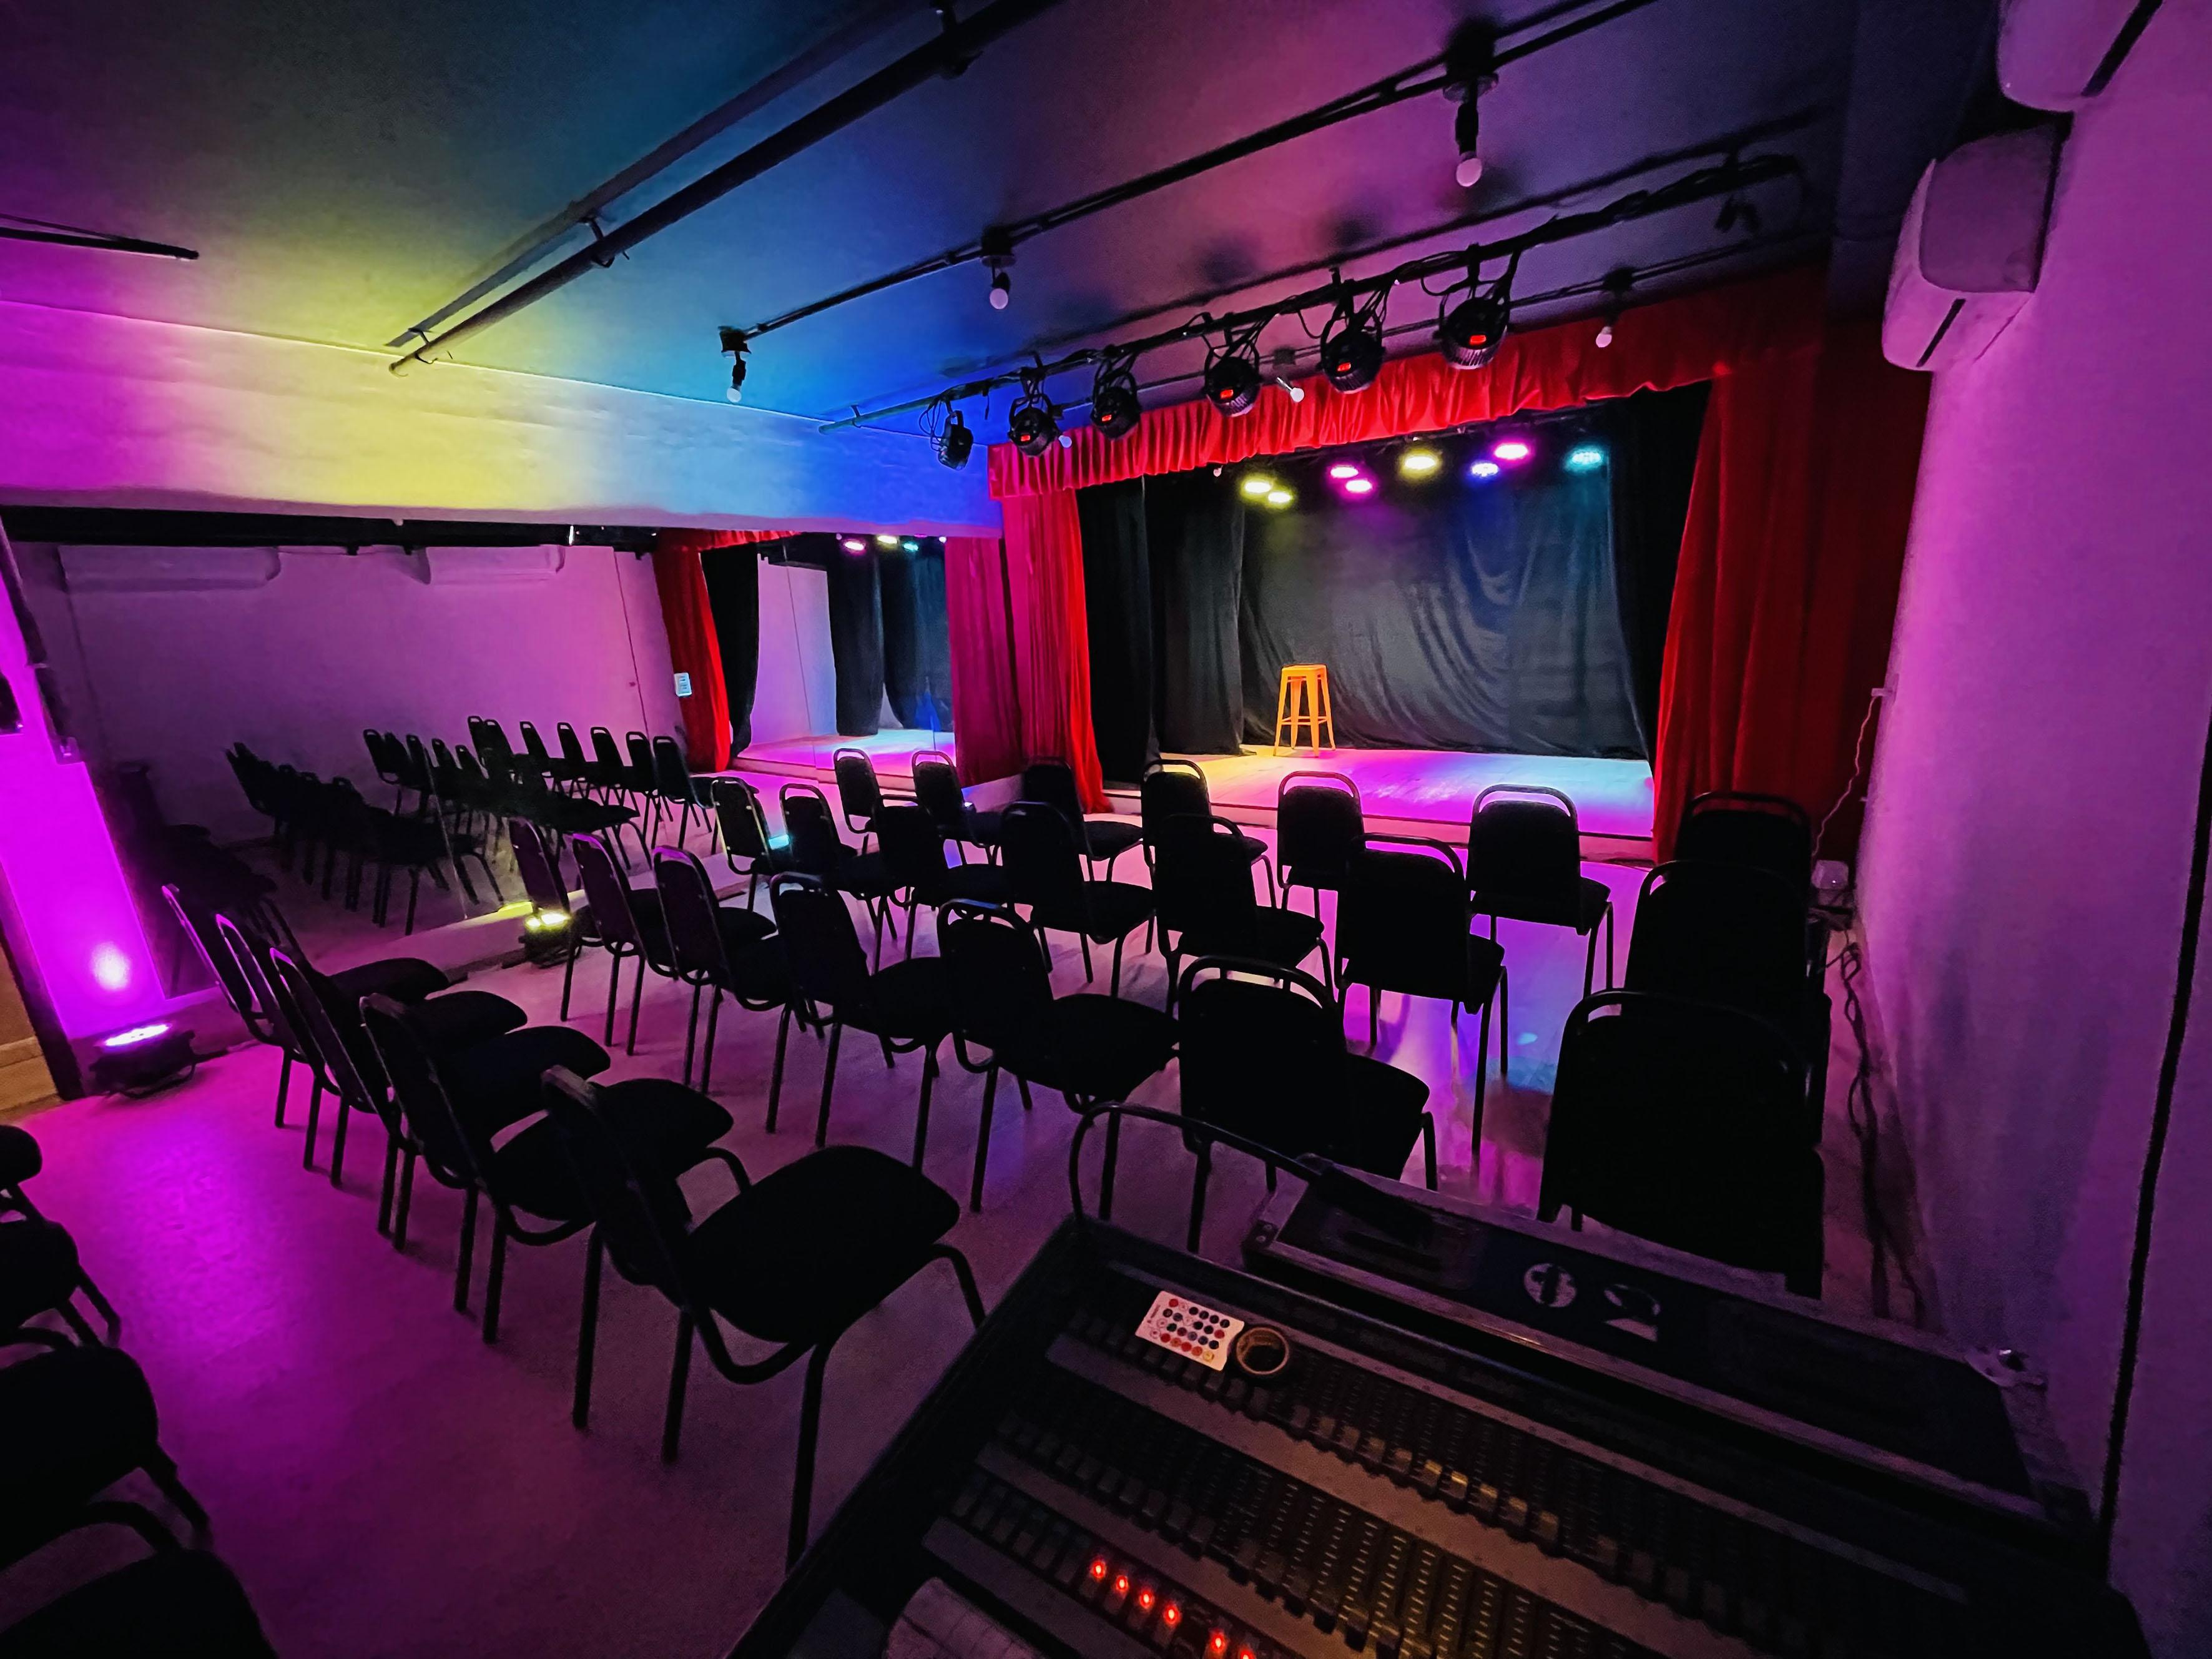 Sala de teatro com luzes na ribalta e uma mesa de som à direita